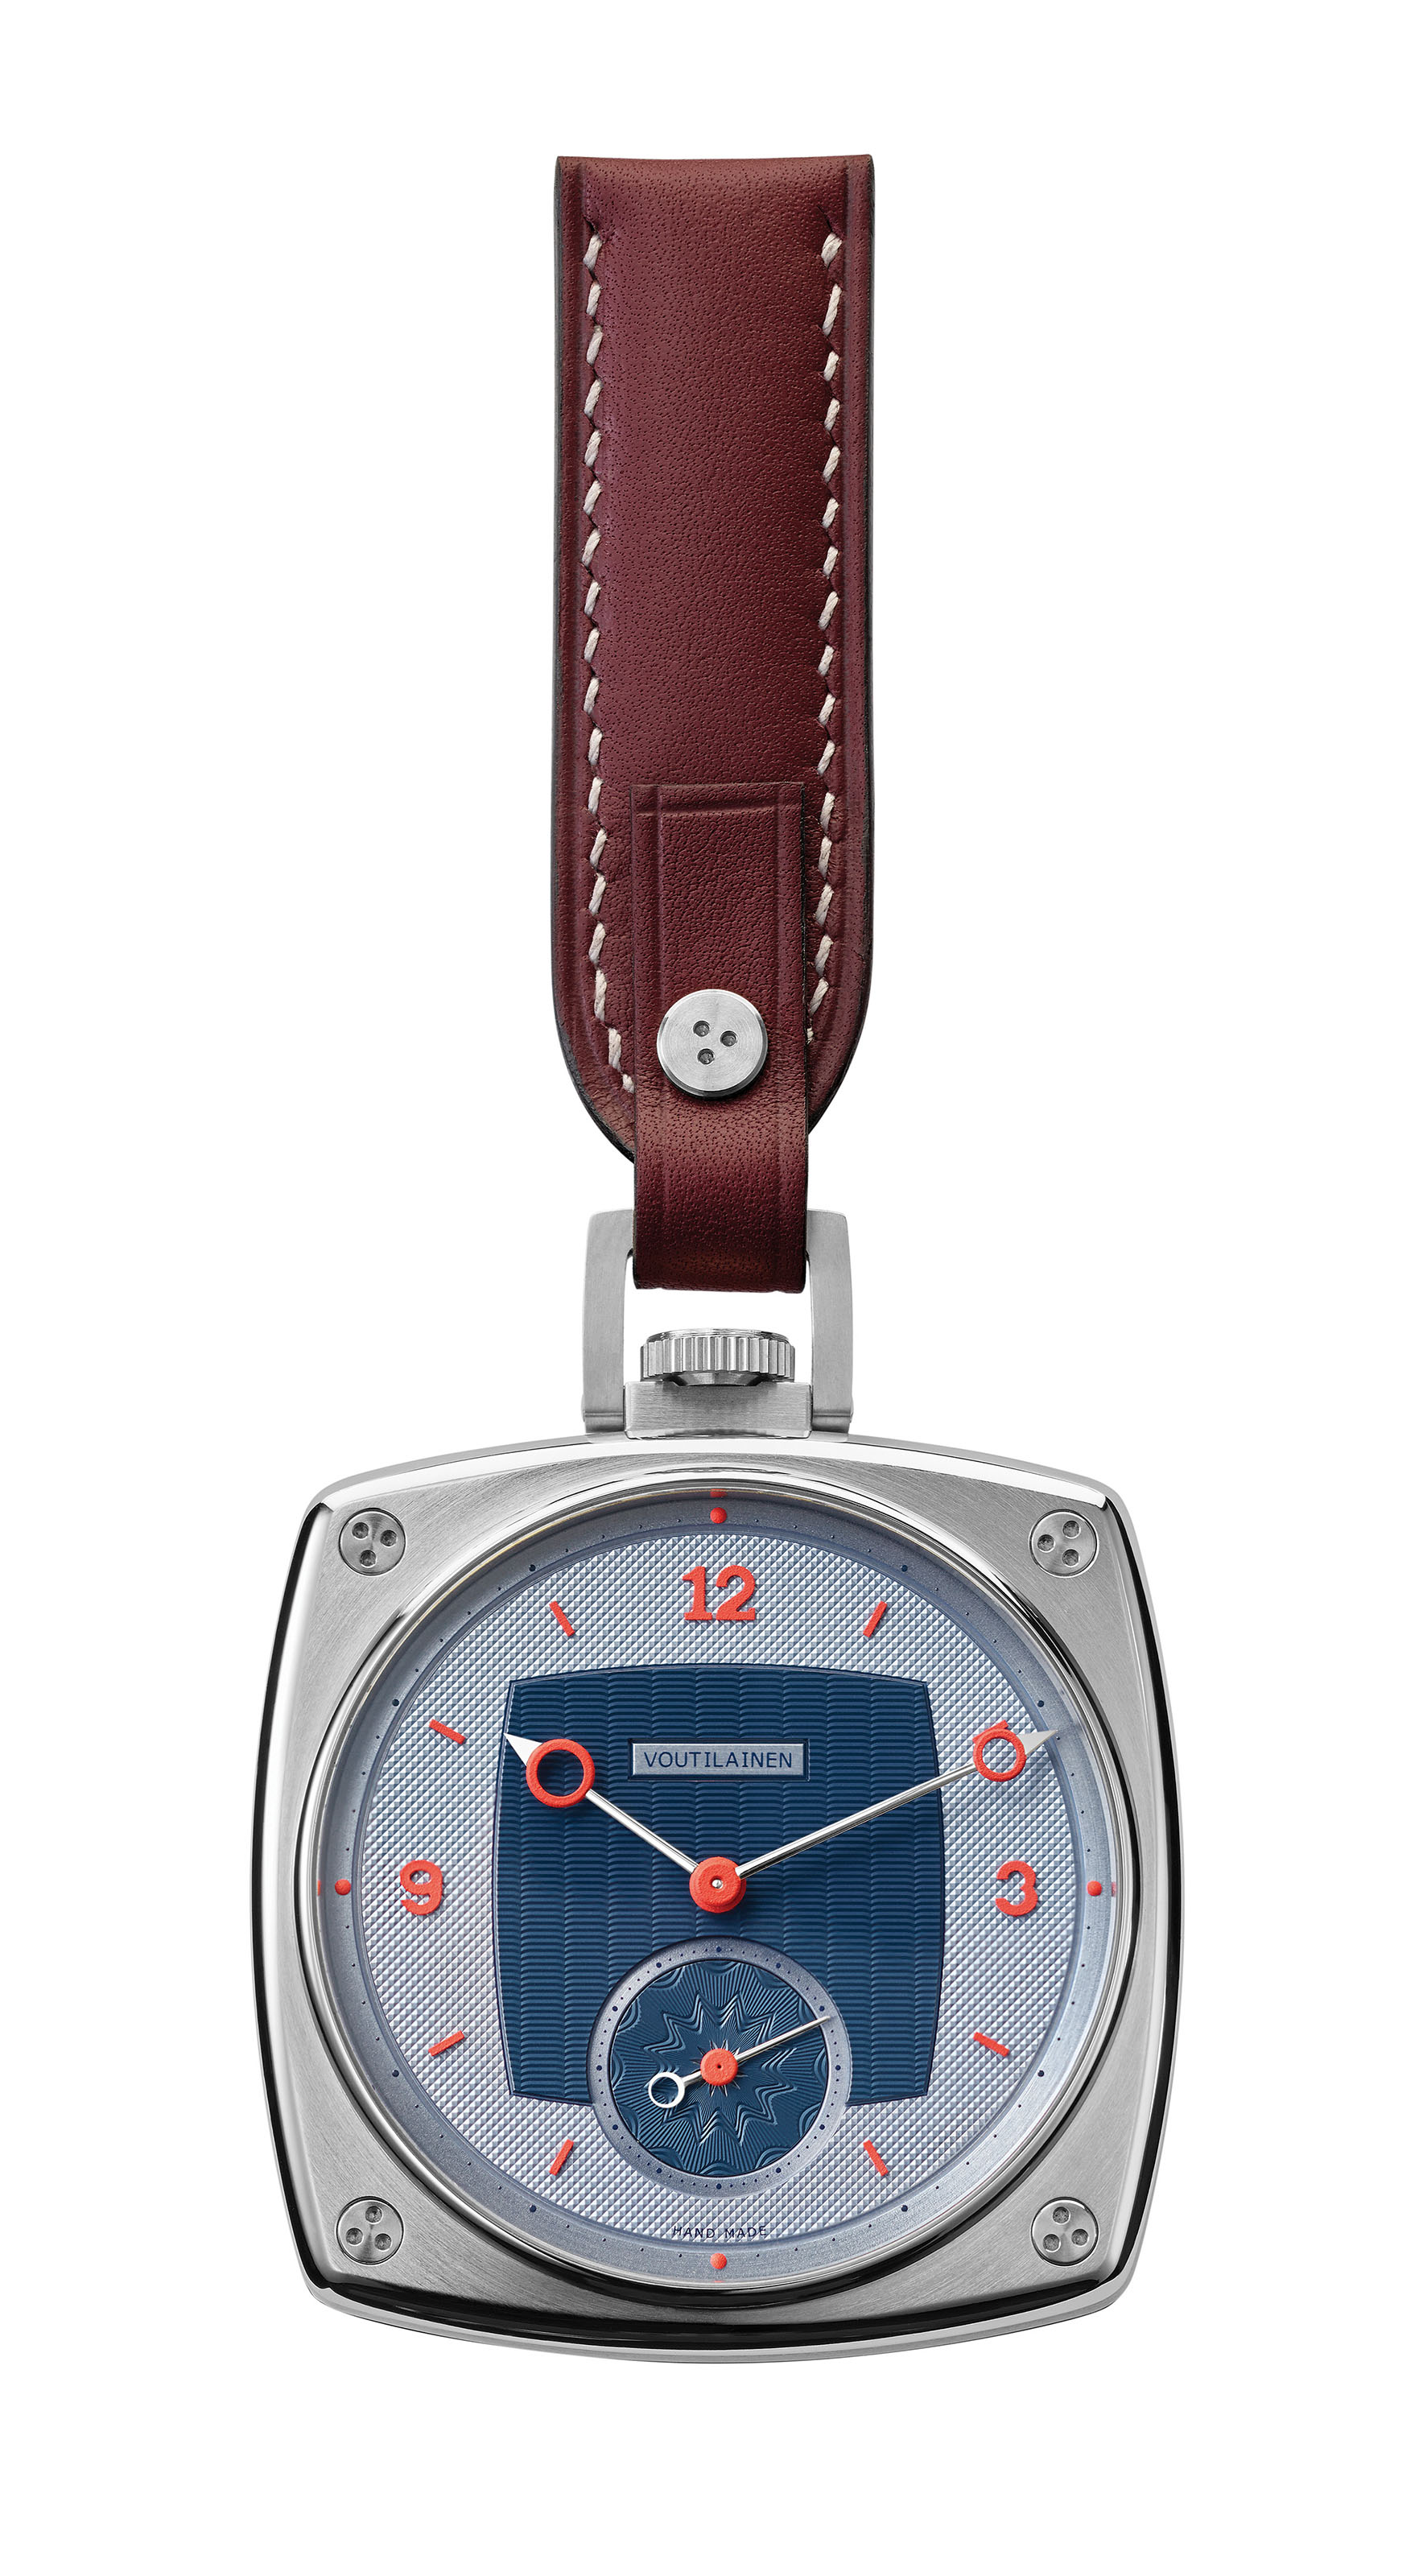 VOUTILAINEN TP1 OW2019 Voutilainen TP1 Pocket watch